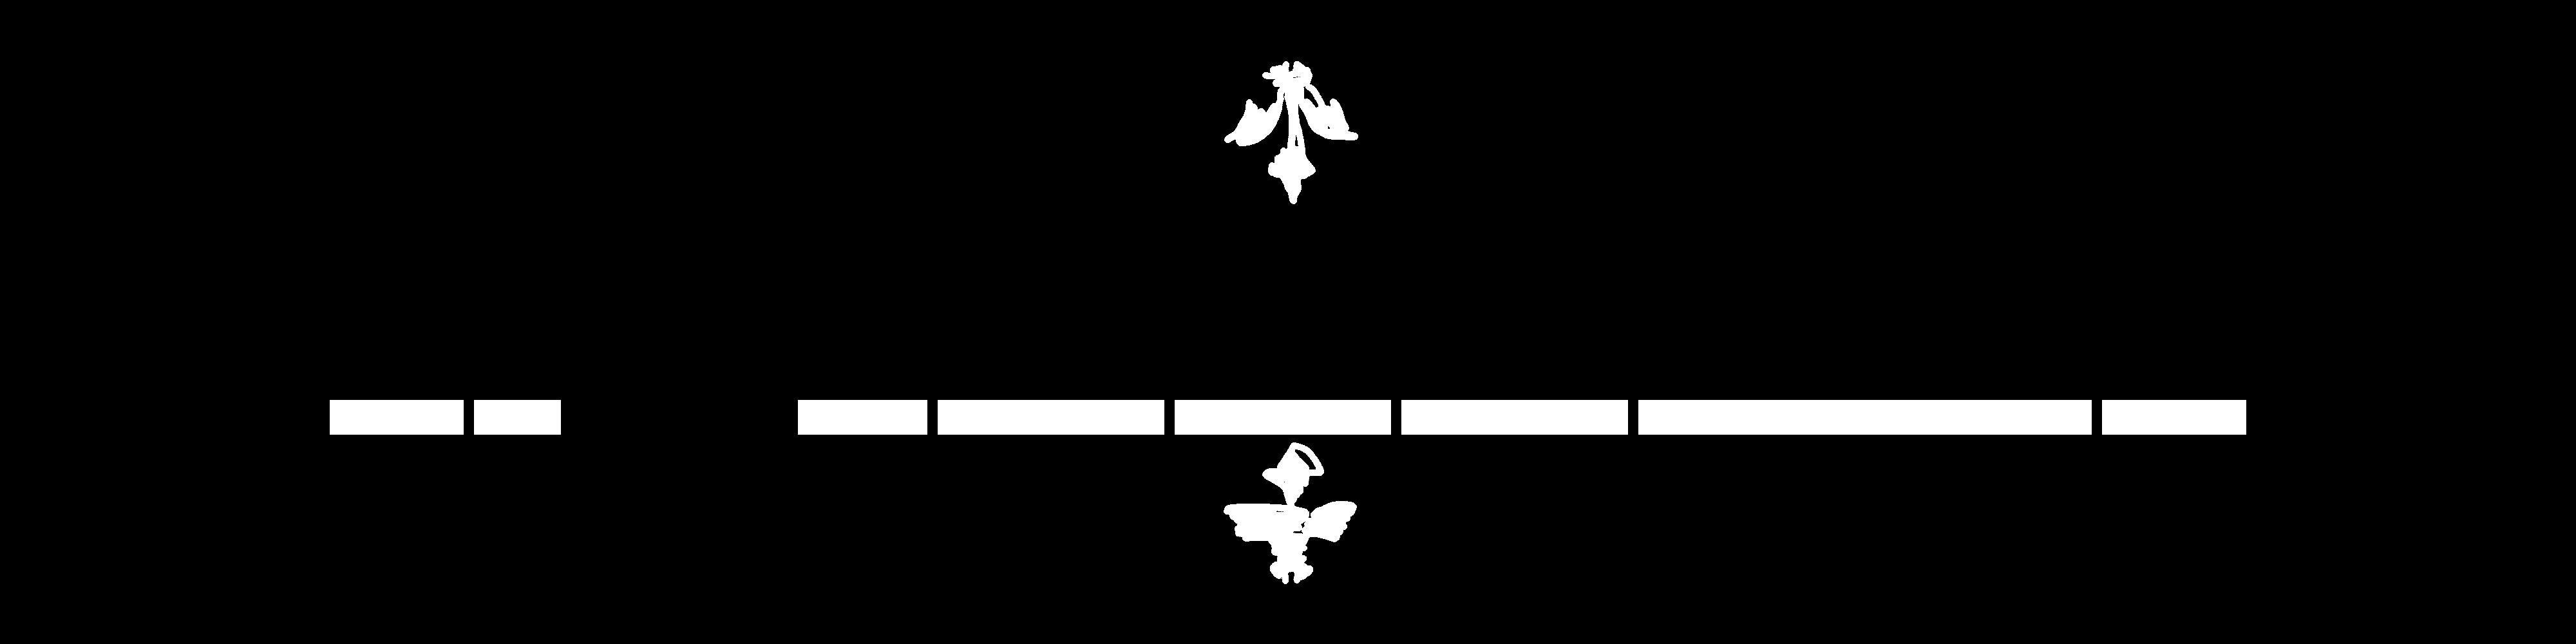 AVbanner